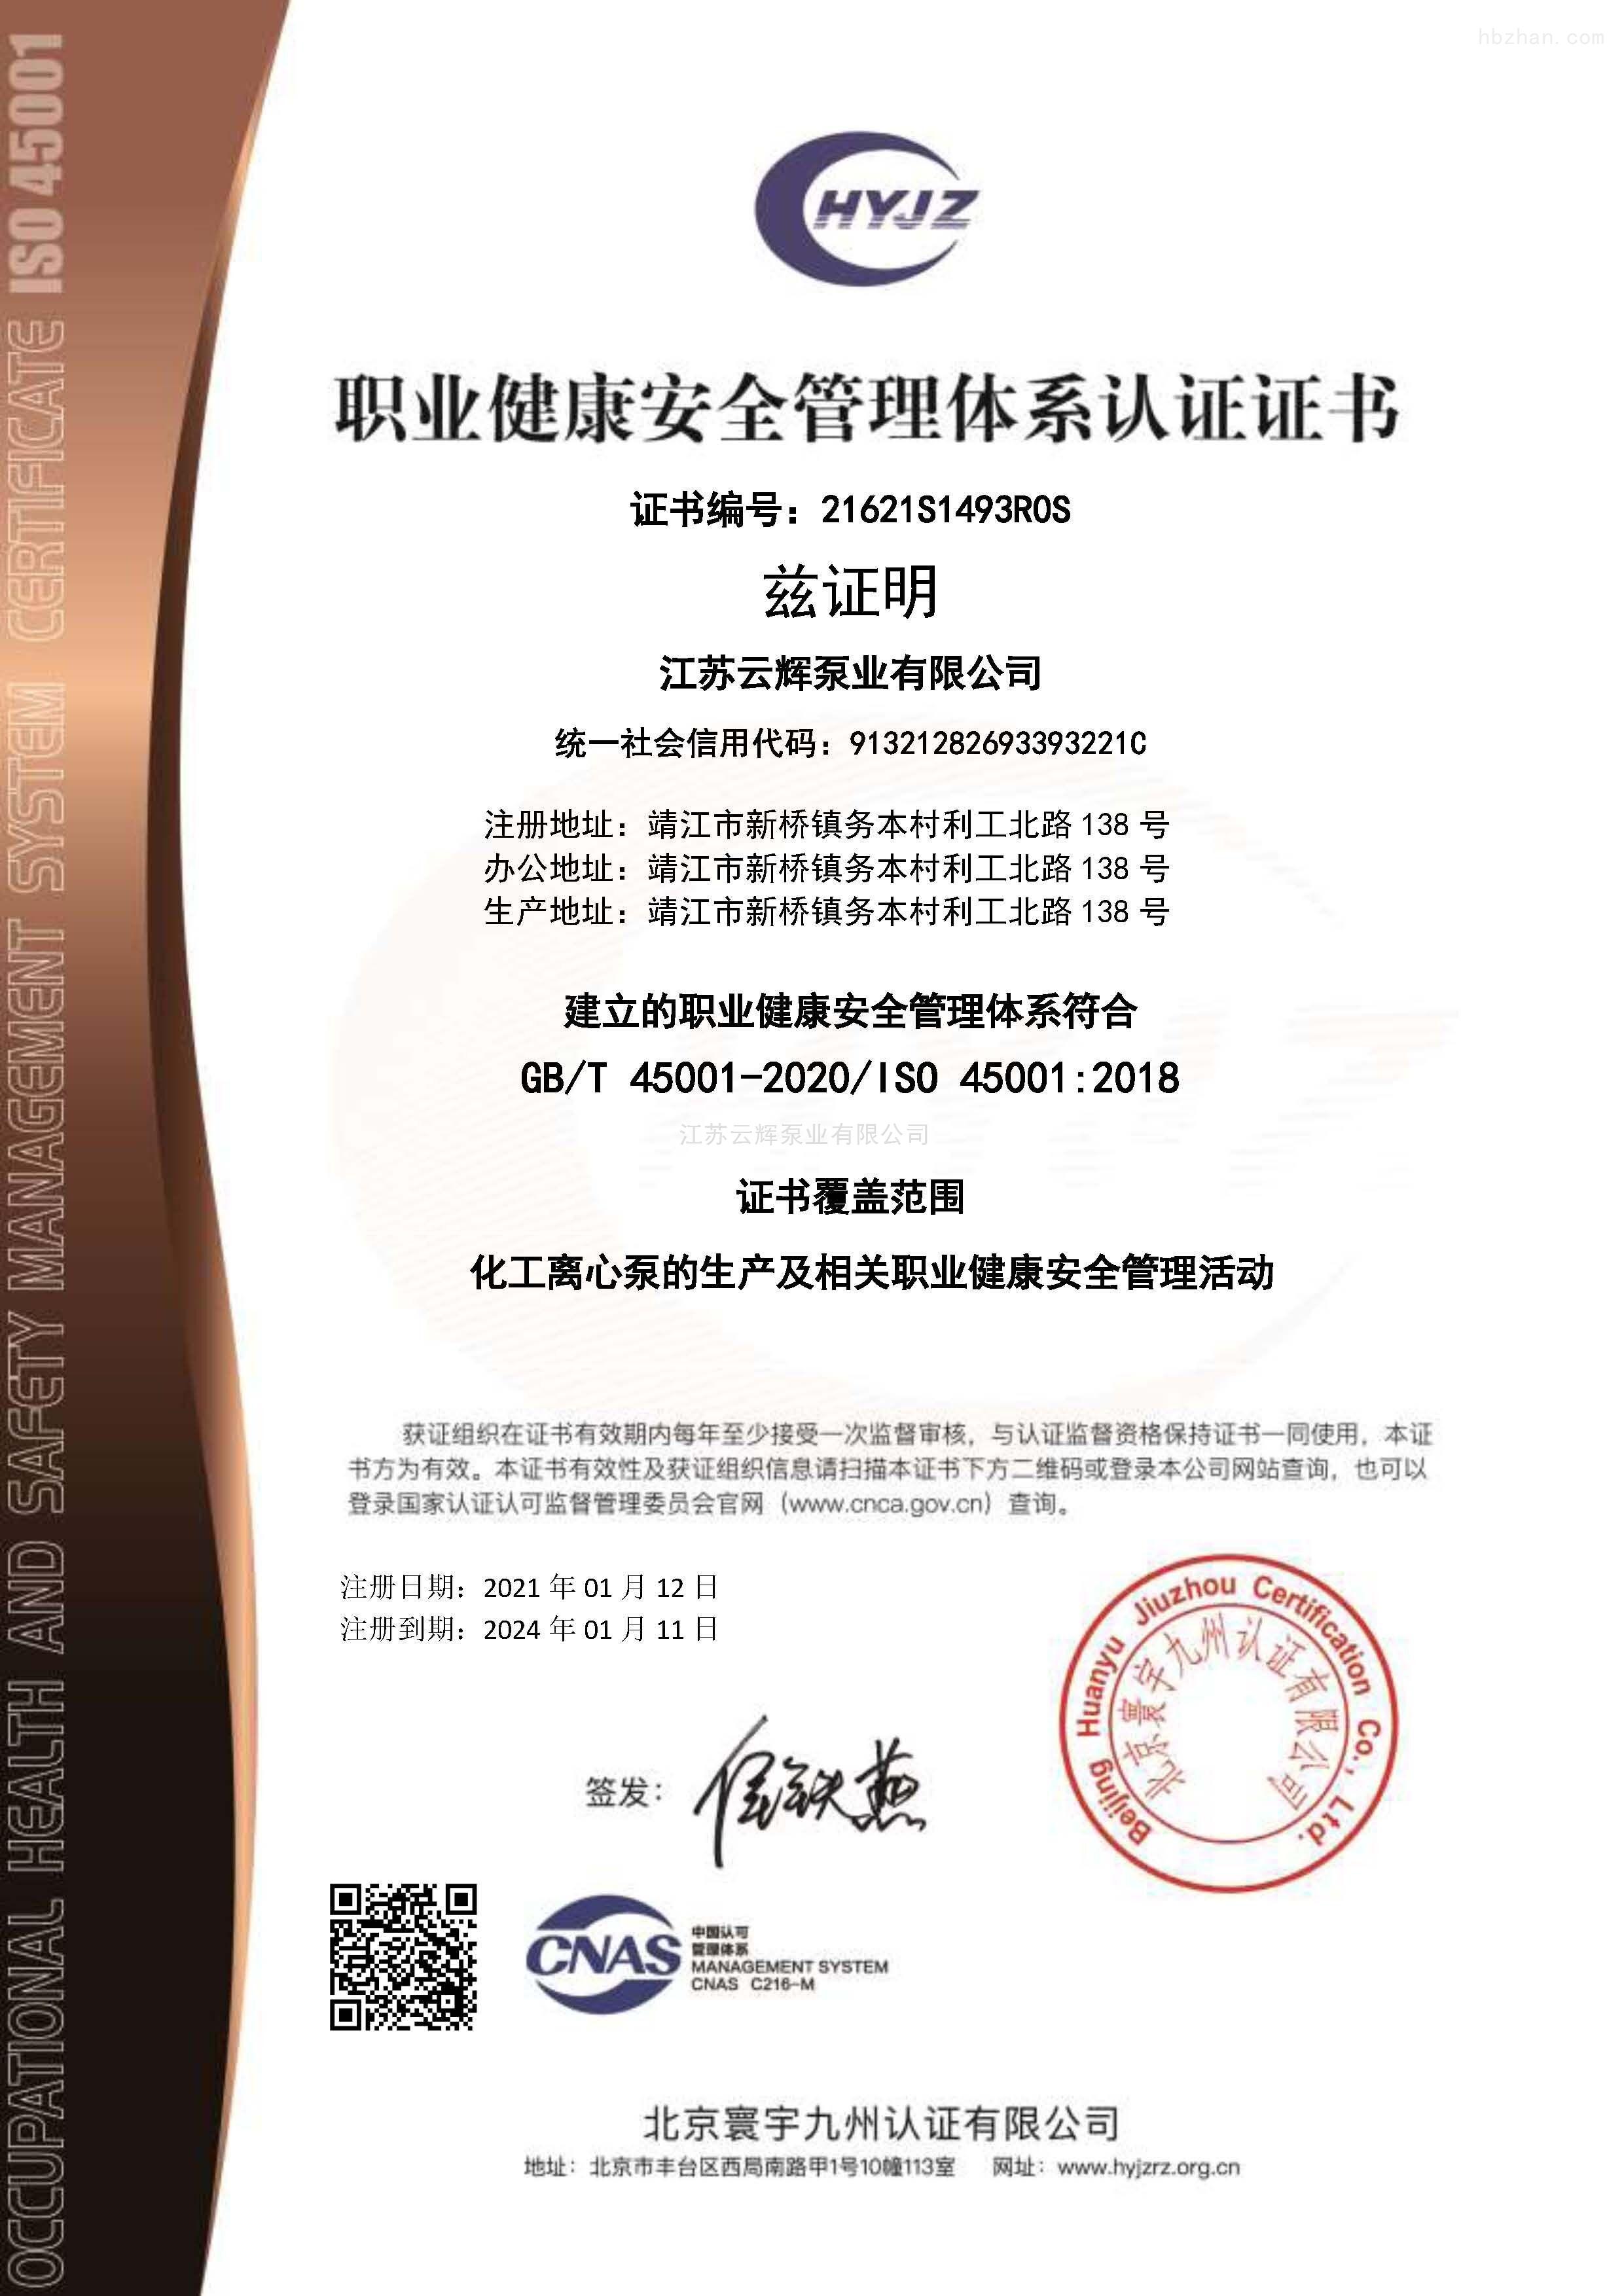 职业健康安全管理体系认证证书中文带标OHSMS